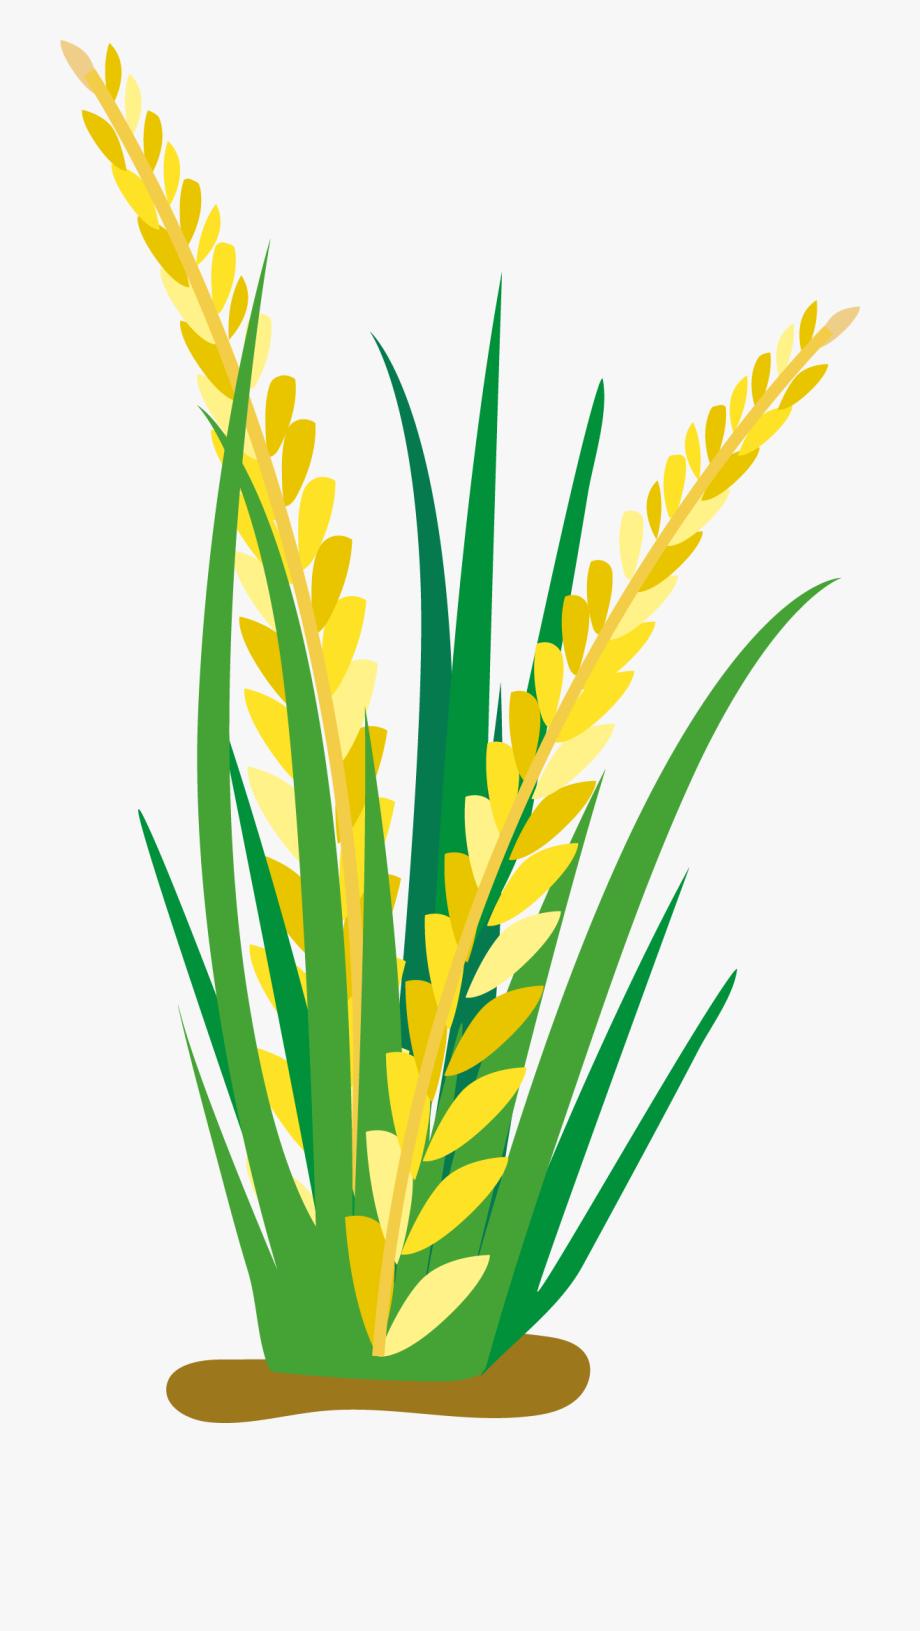 Planting clipart vector. Cartoon oat clip art